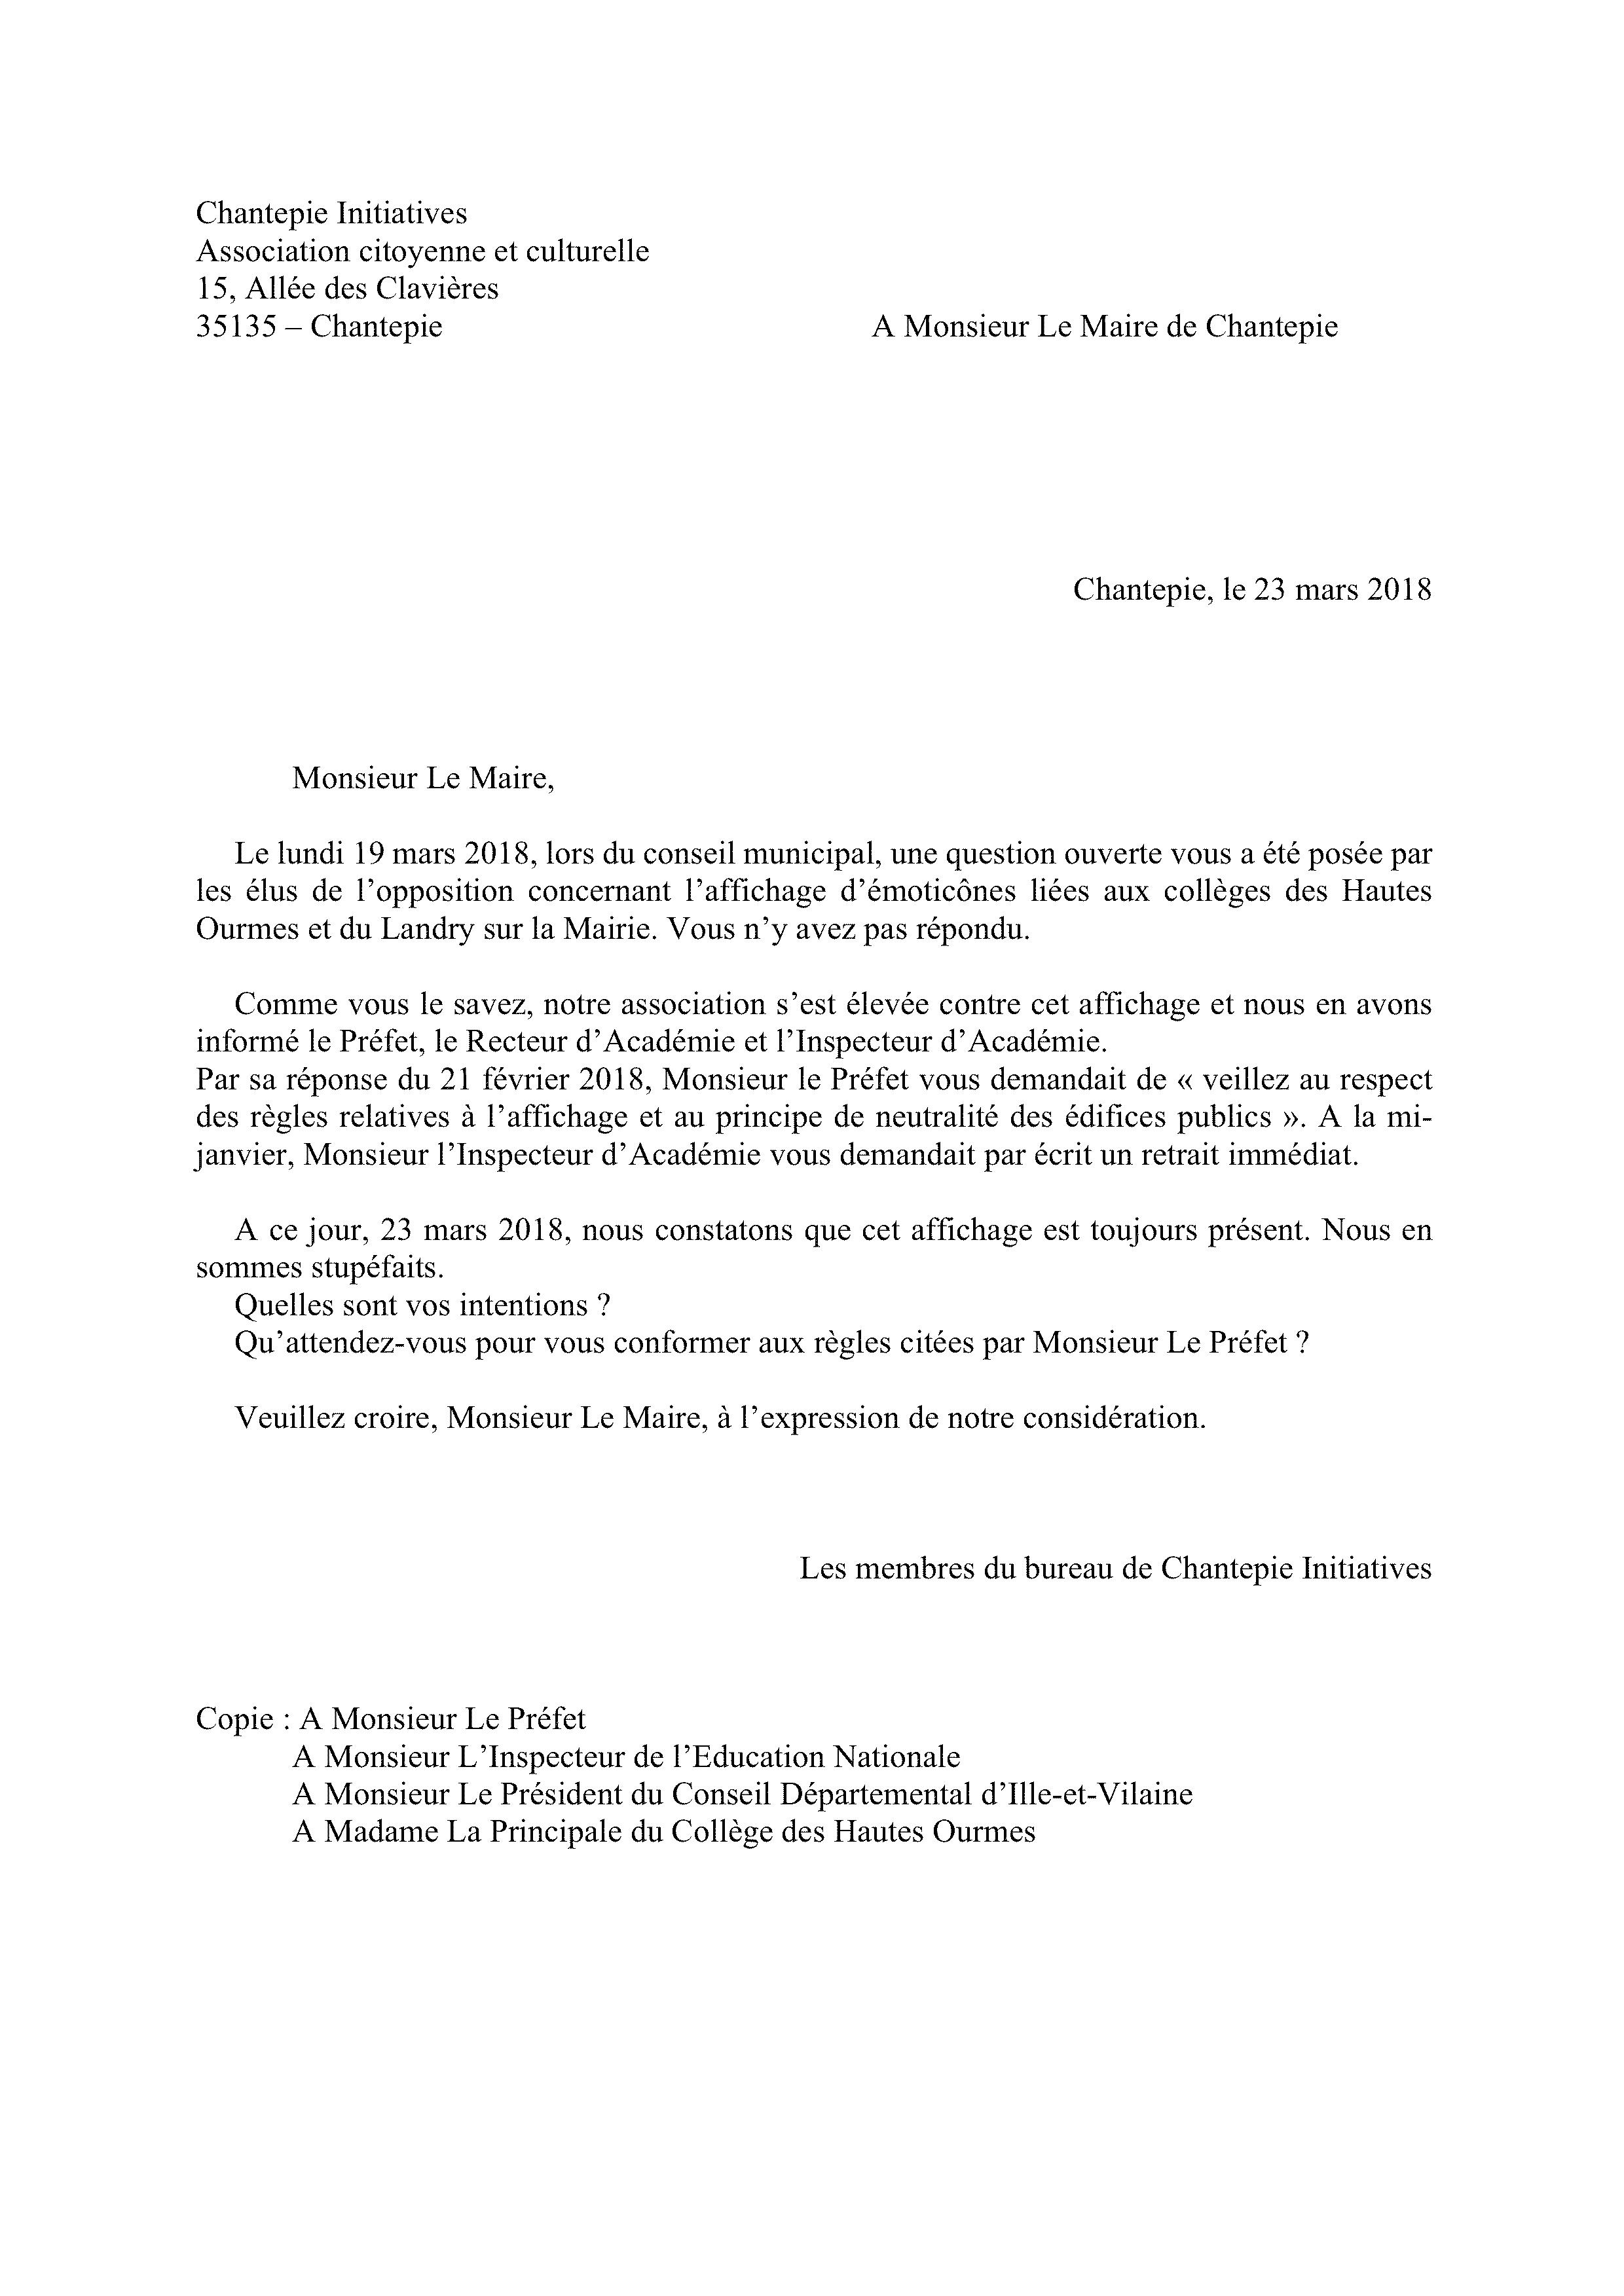 Courrier de réponse à Mr Le Maire - 23.03.2018